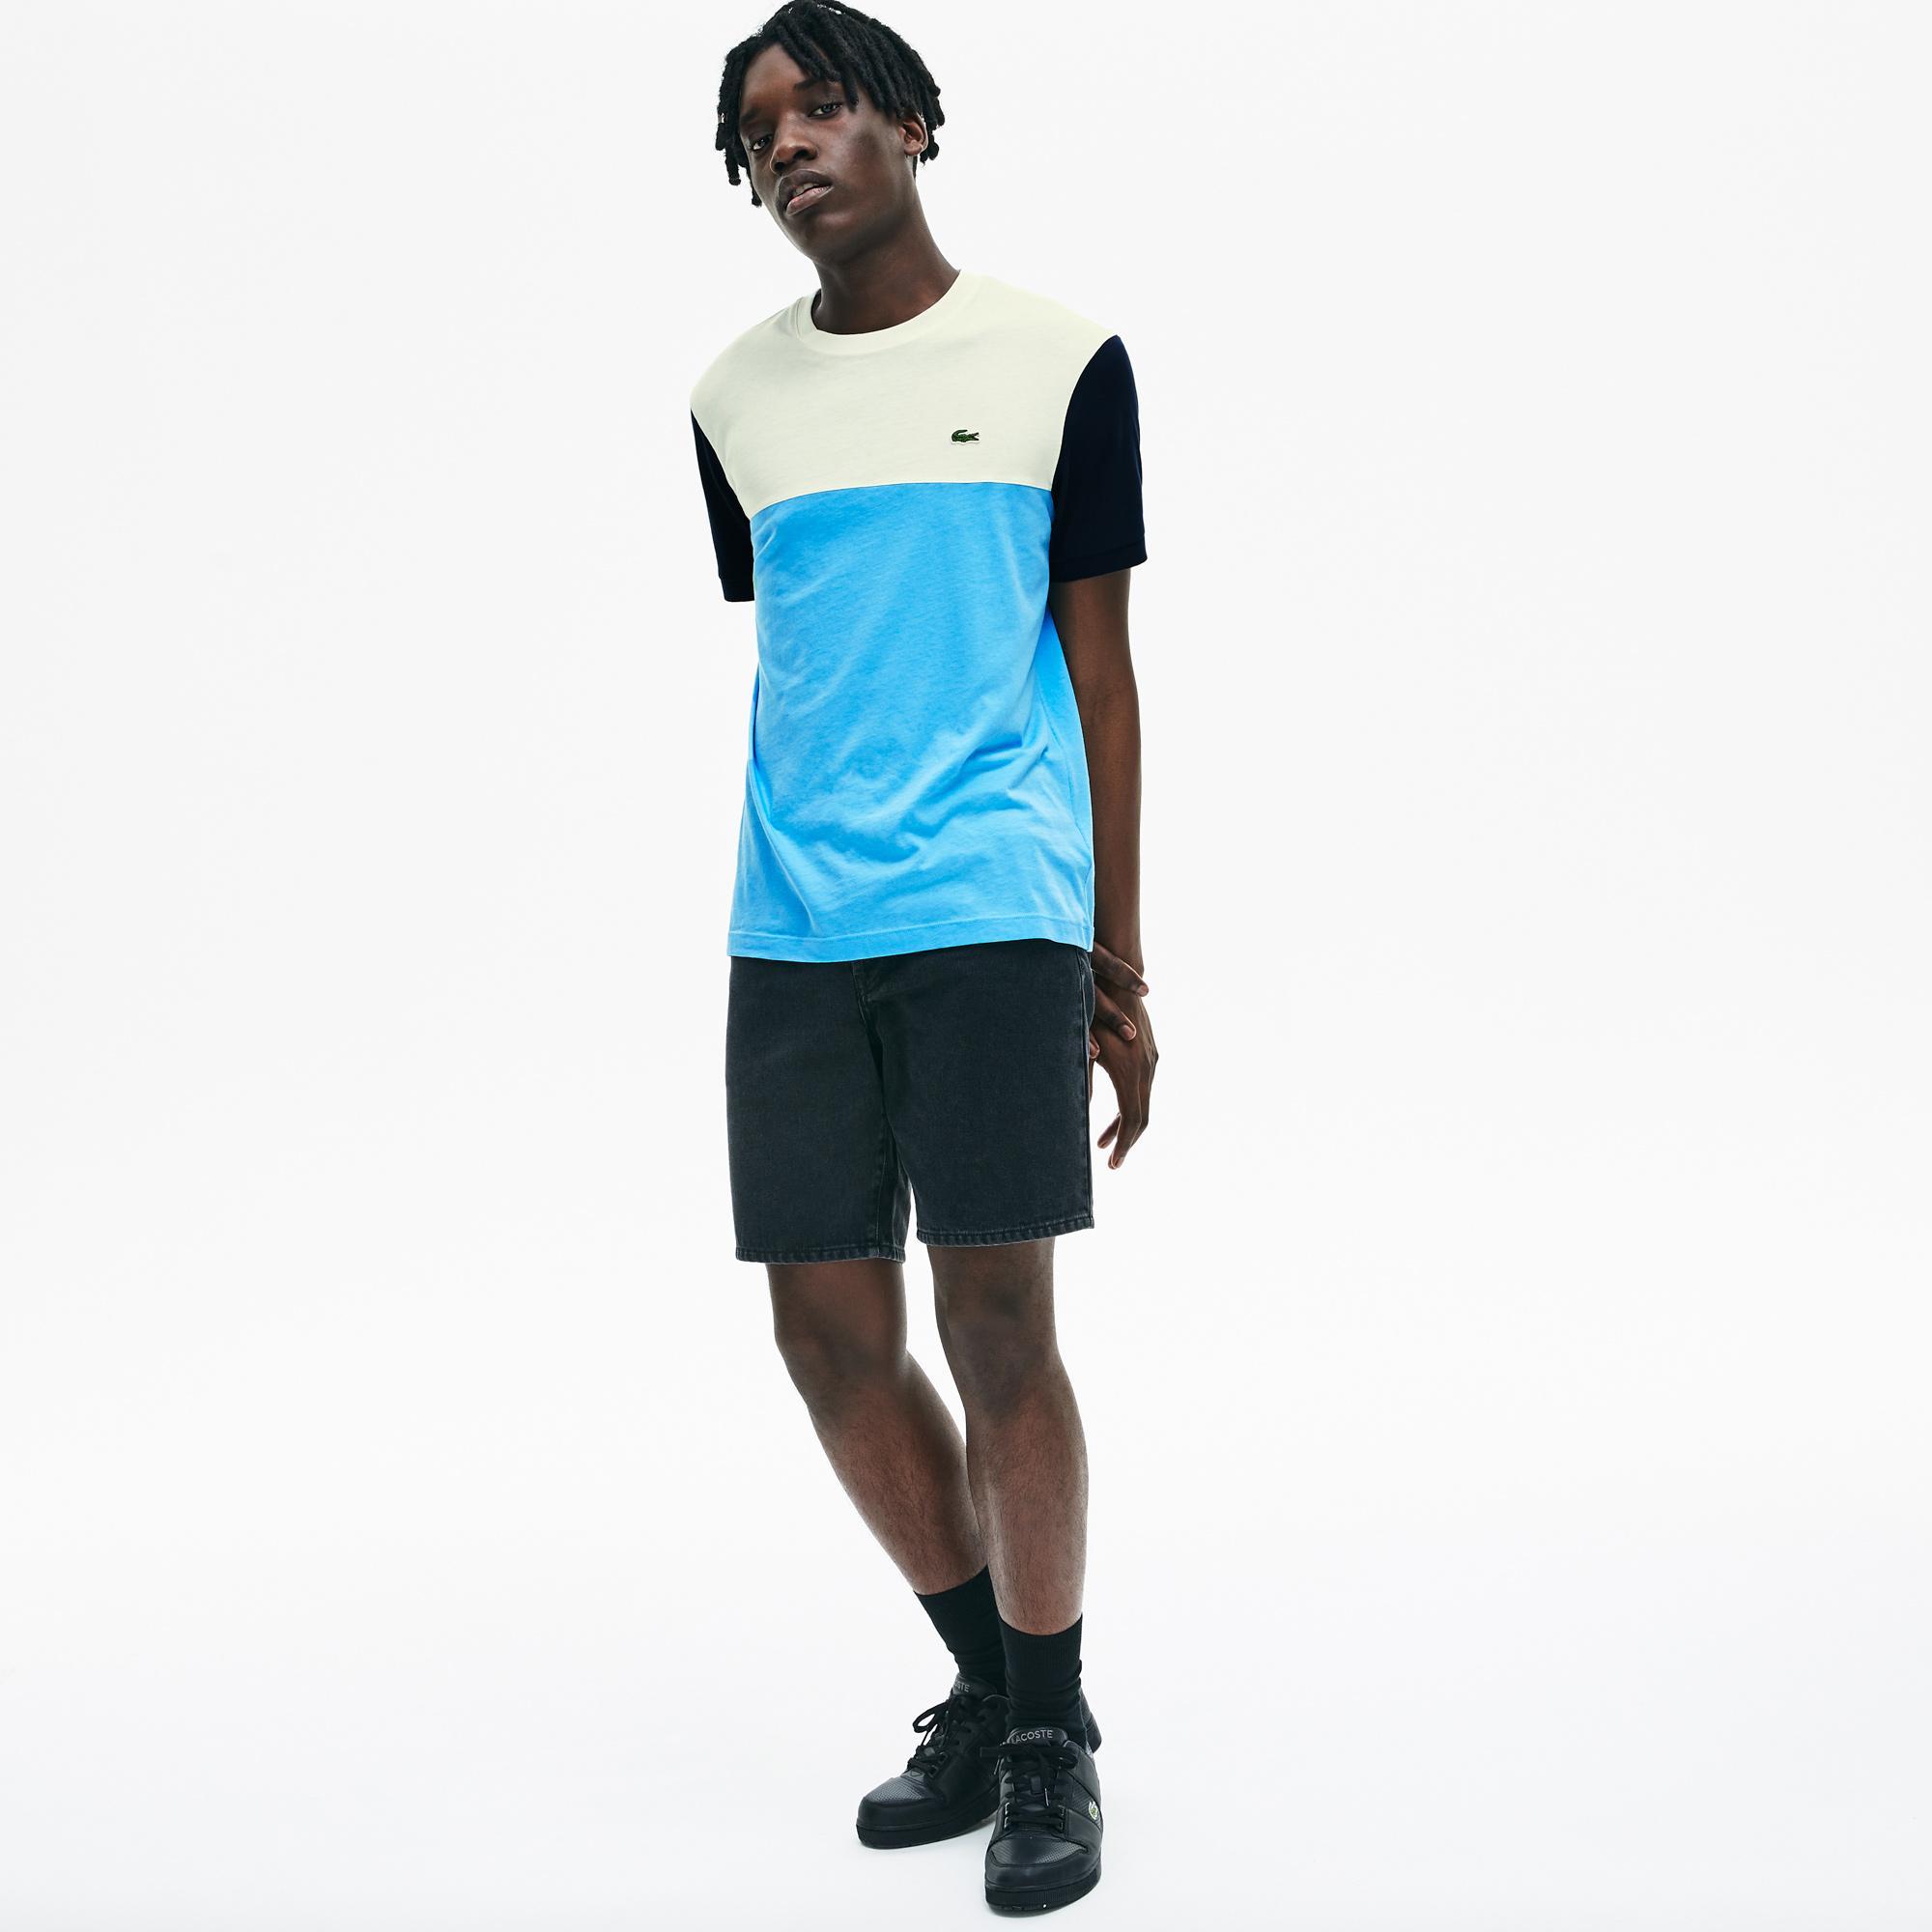 Lacoste Męski Bawełniany T-Shirt W Bloki Kolorystyczne Z Okrągłym Dekoltem